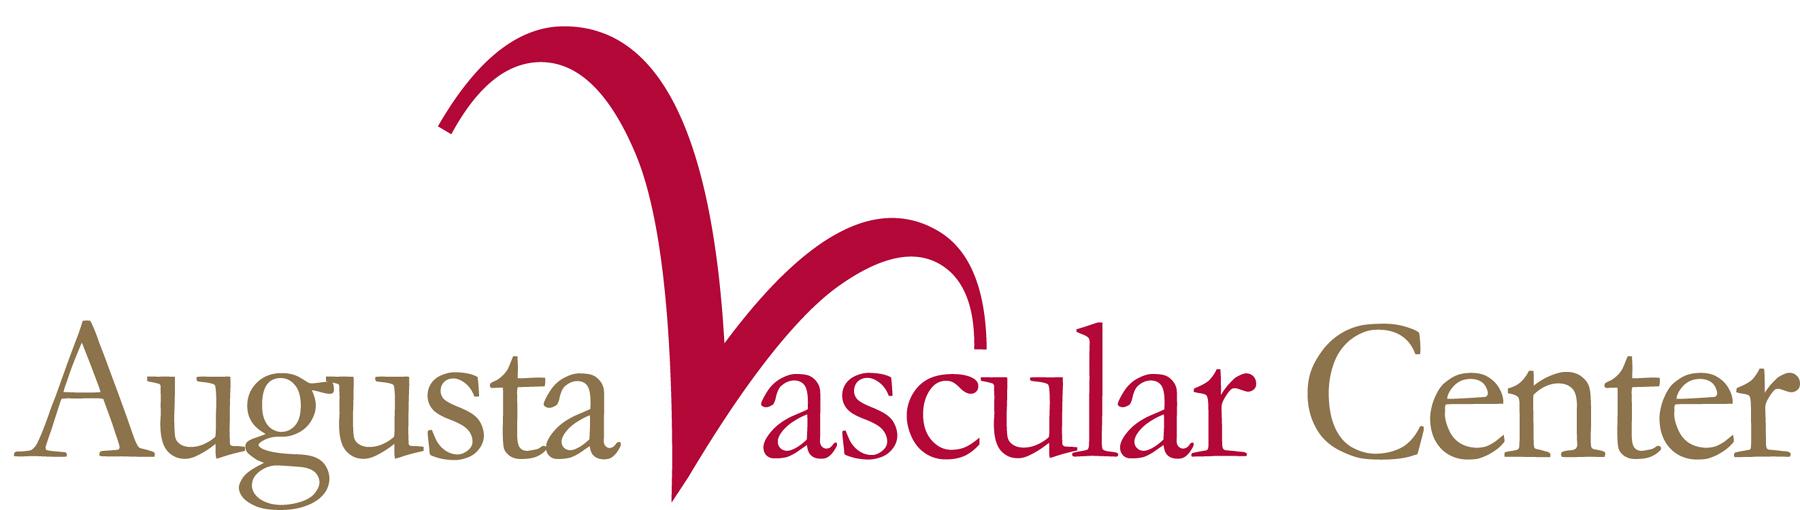 augusta-vascular-center-logo_181910